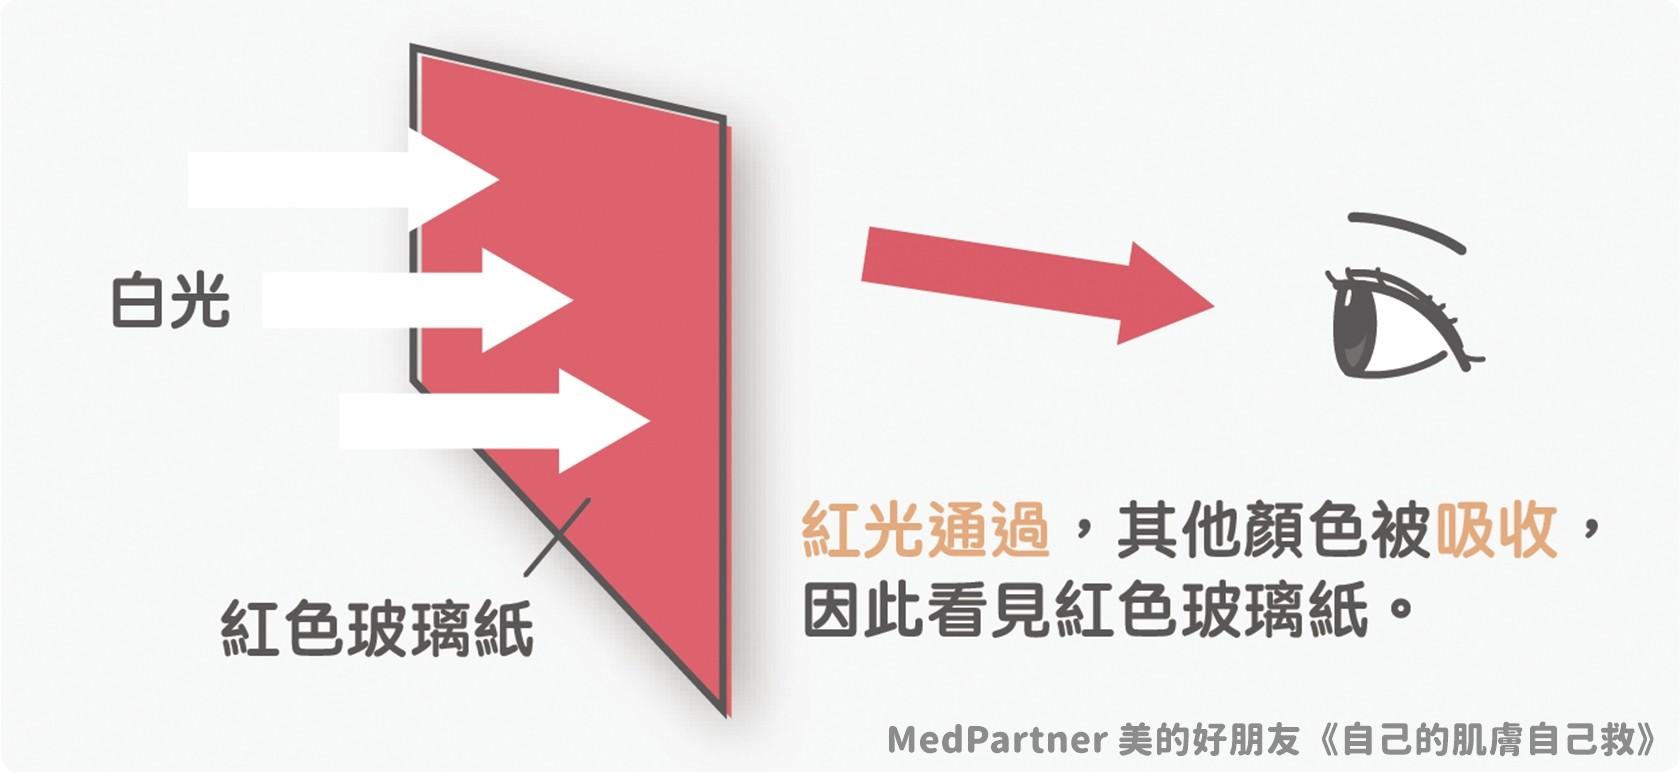 ▲2(圖/方寸文創提供,請勿隨意翻拍,以免侵權。)